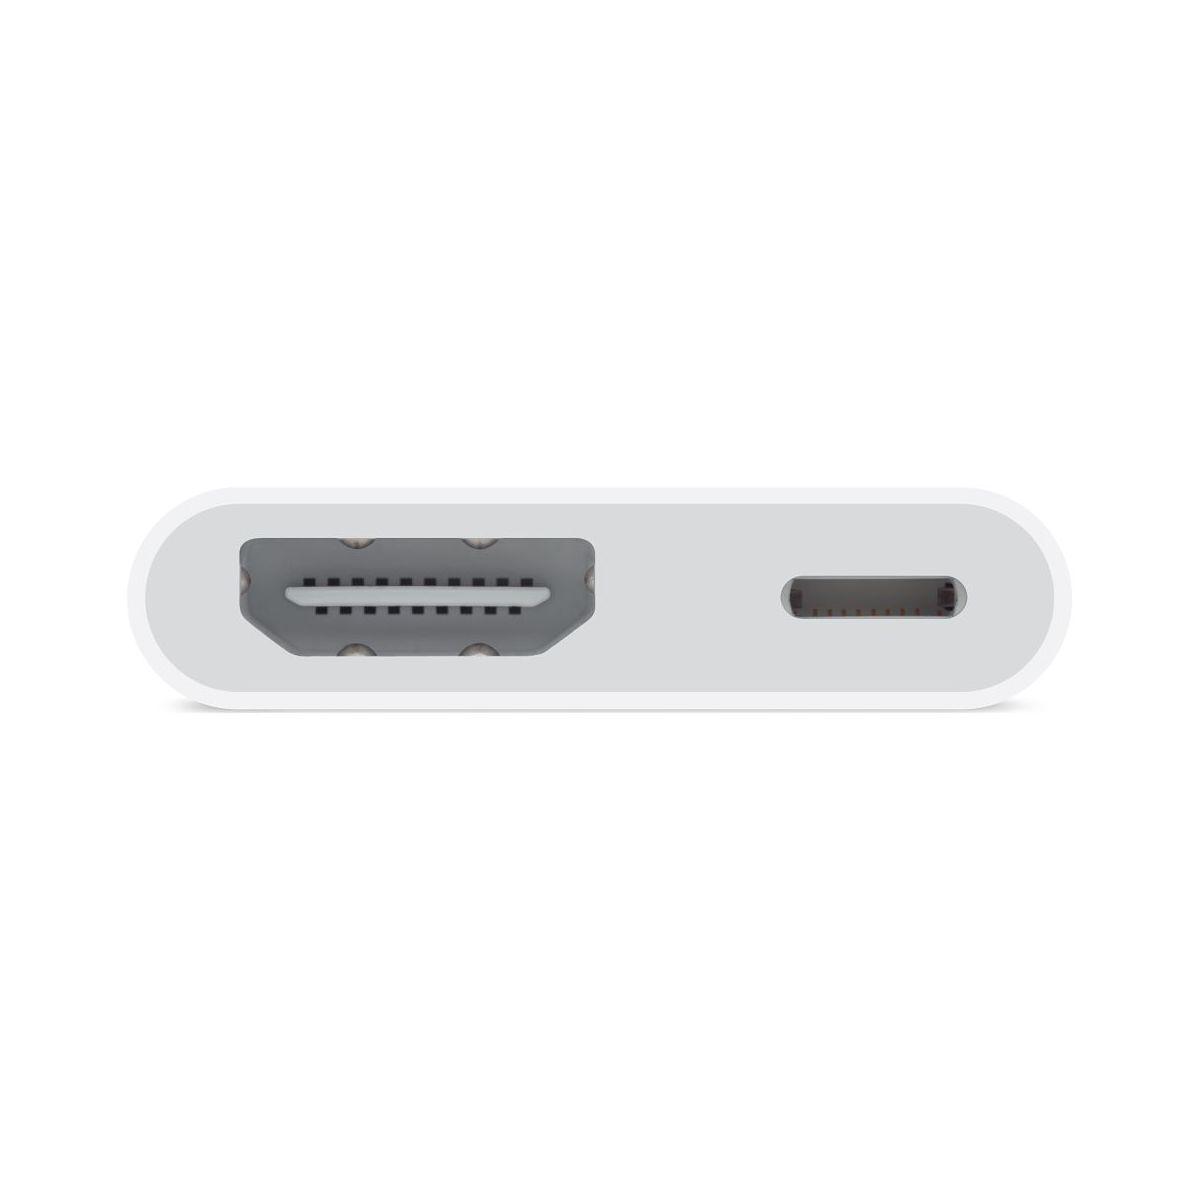 Adaptateur apple lightning av numérique - livraison offerte : code liv (photo)